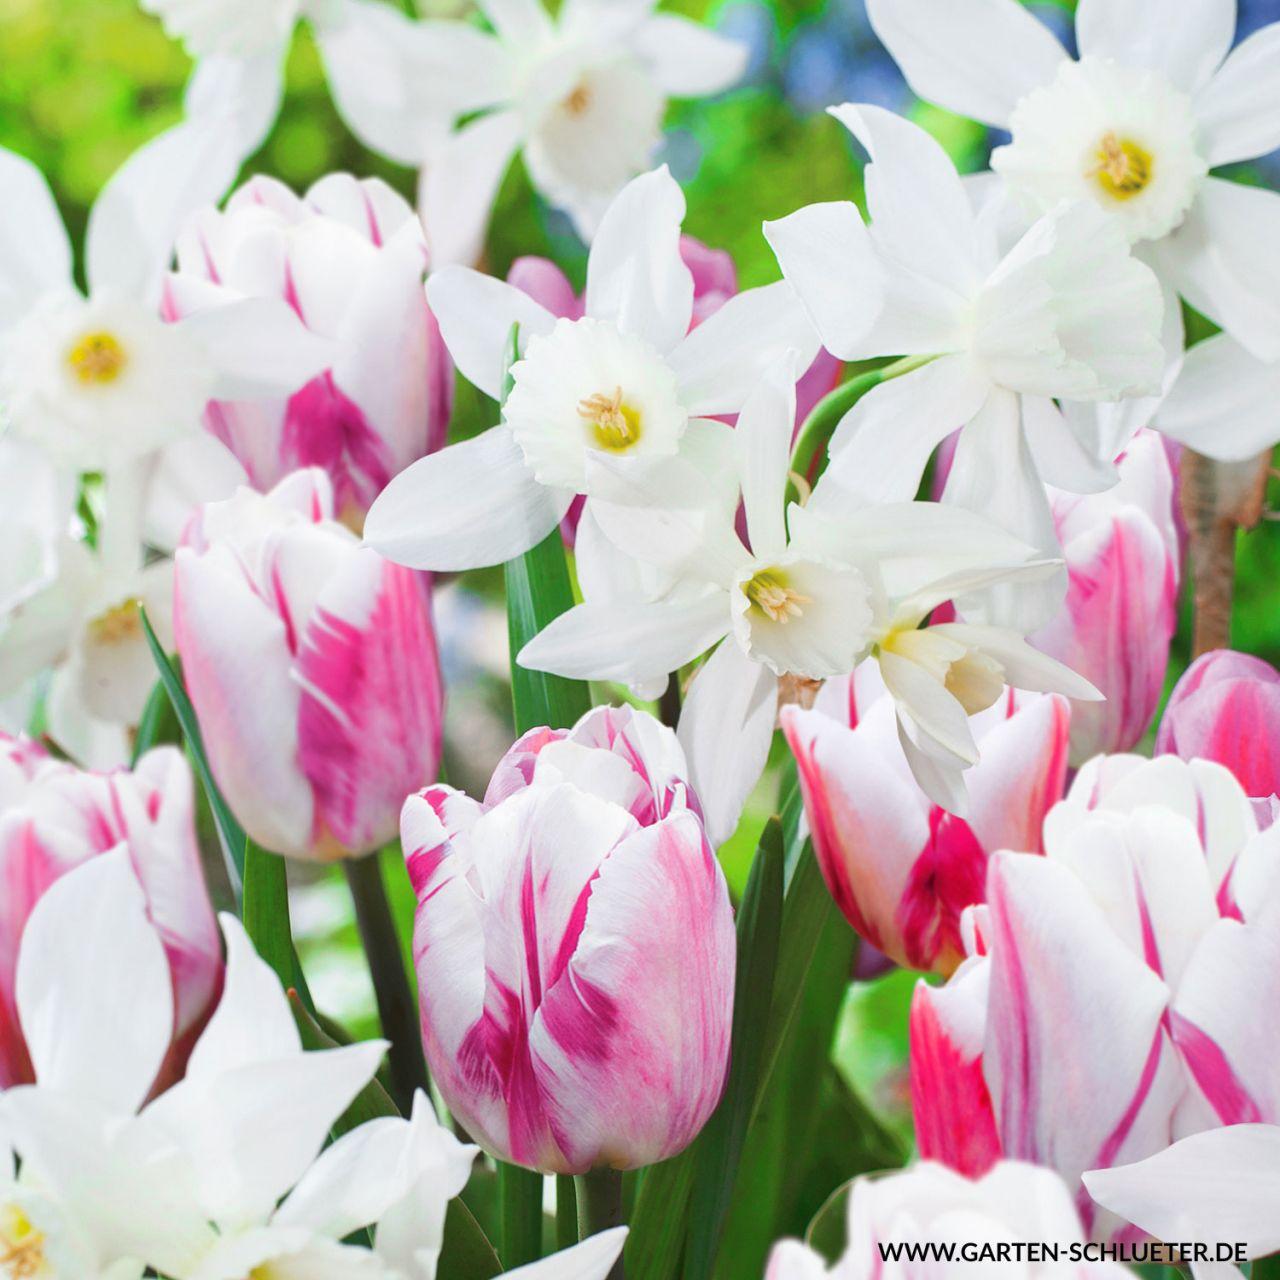 Tulpen & Narzissen Mischung 'Folk Story' - 15 Stück